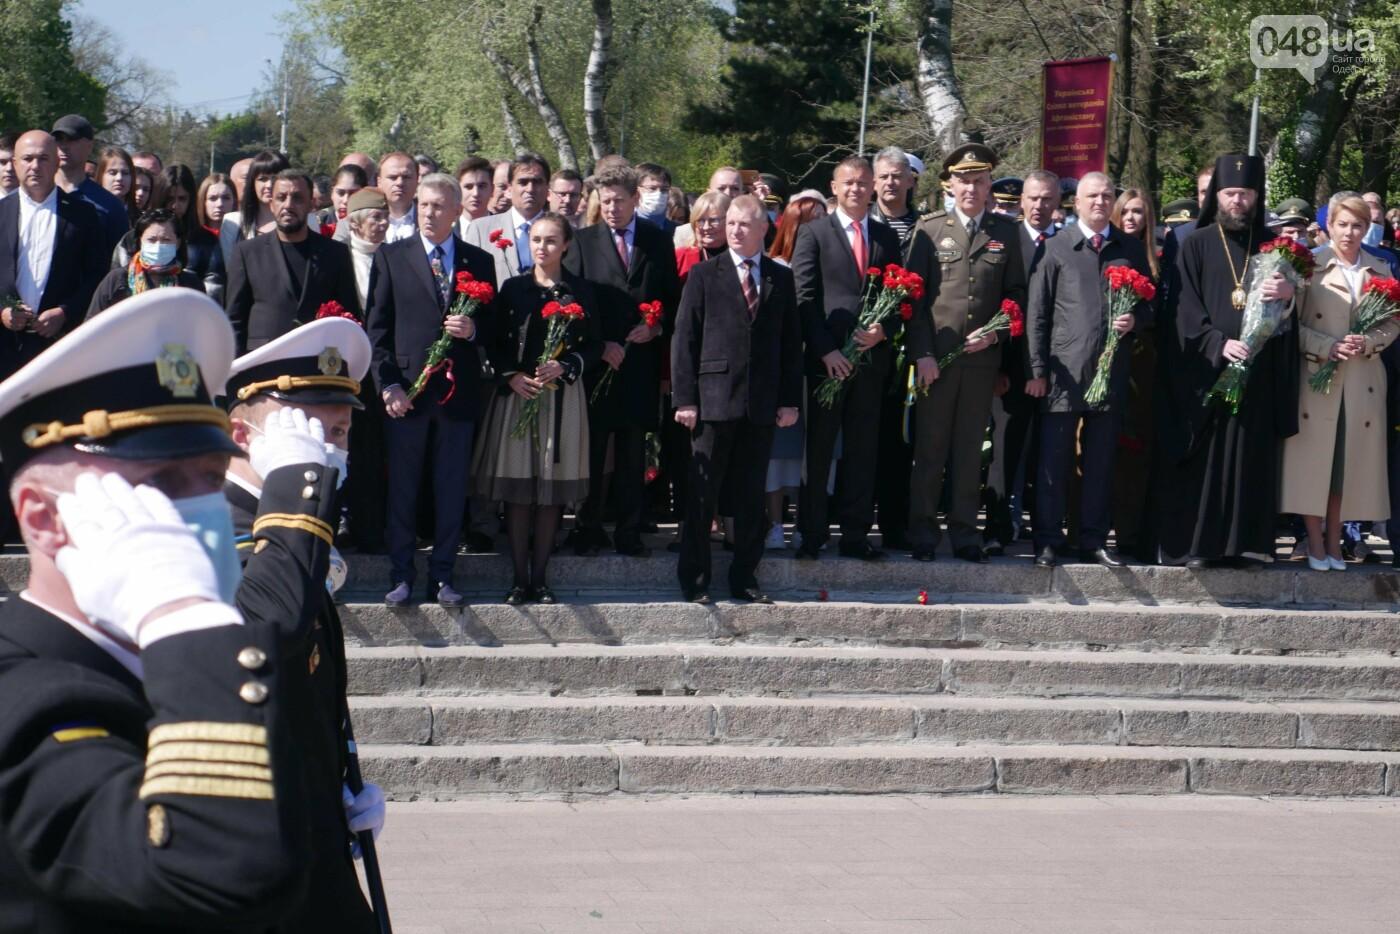 9 мая в Одессе: плевались, дрались и плакали, - ФОТО, ВИДЕО, фото-5